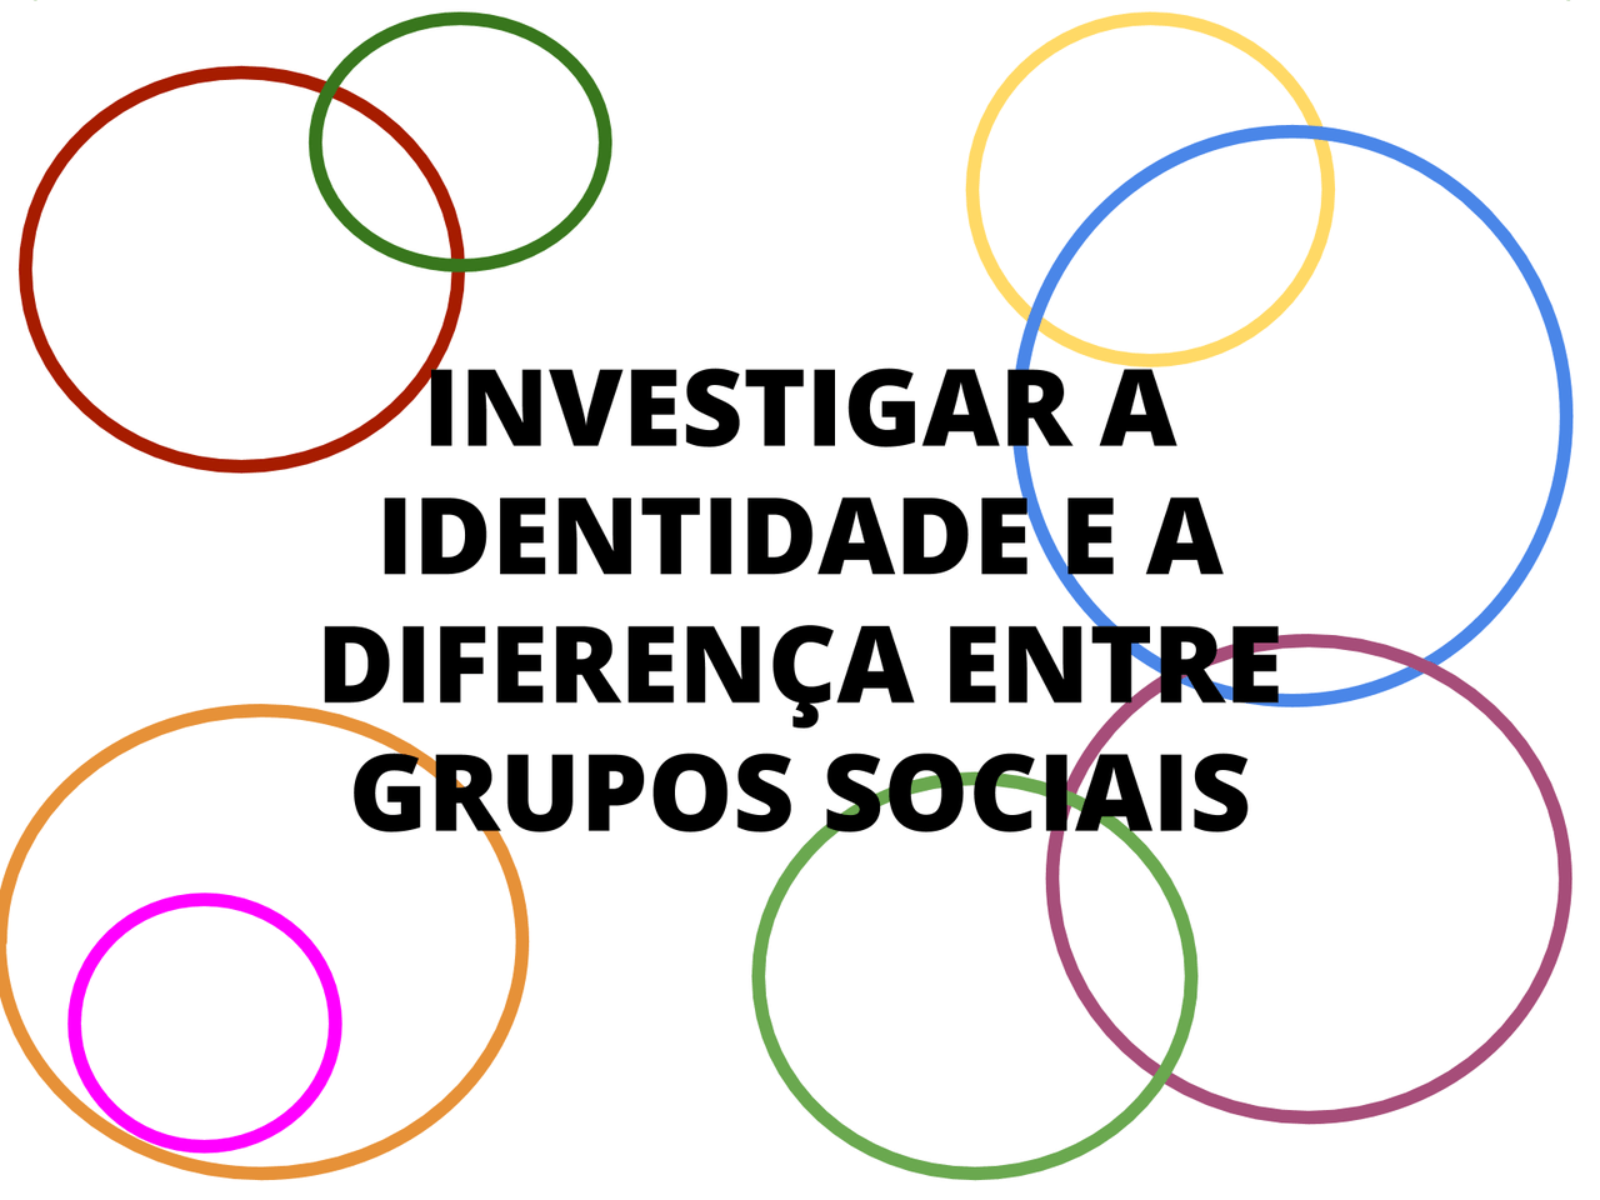 Espaços de sociabilidade, grupos sociais e interesses comuns